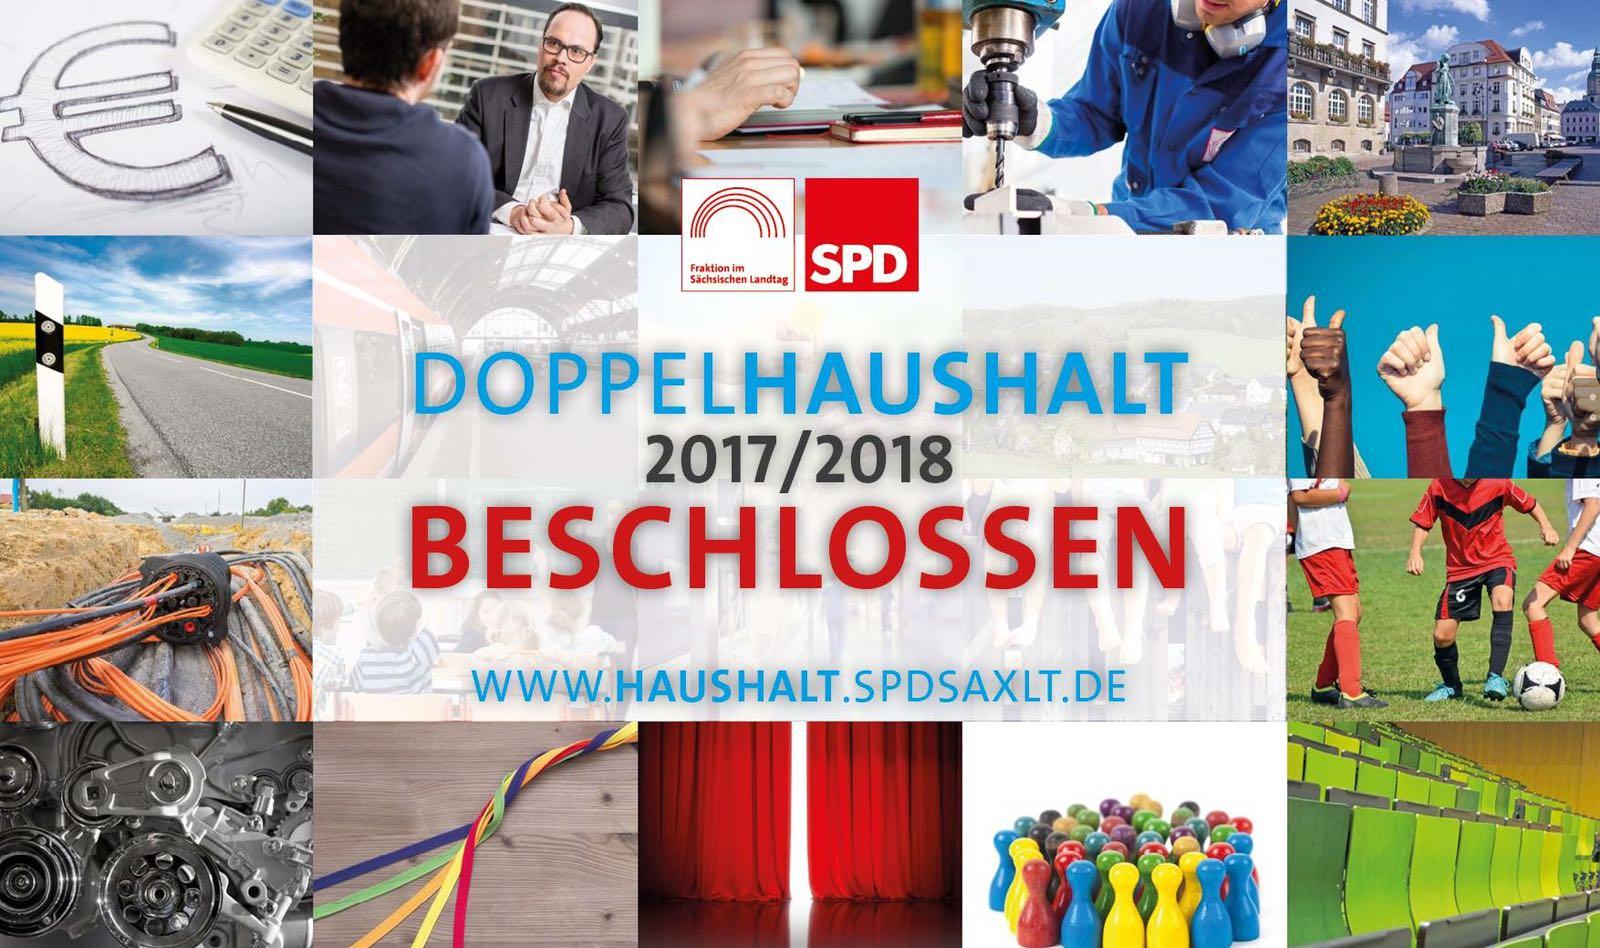 doppelhaushalt-2017-2018-beschlossen